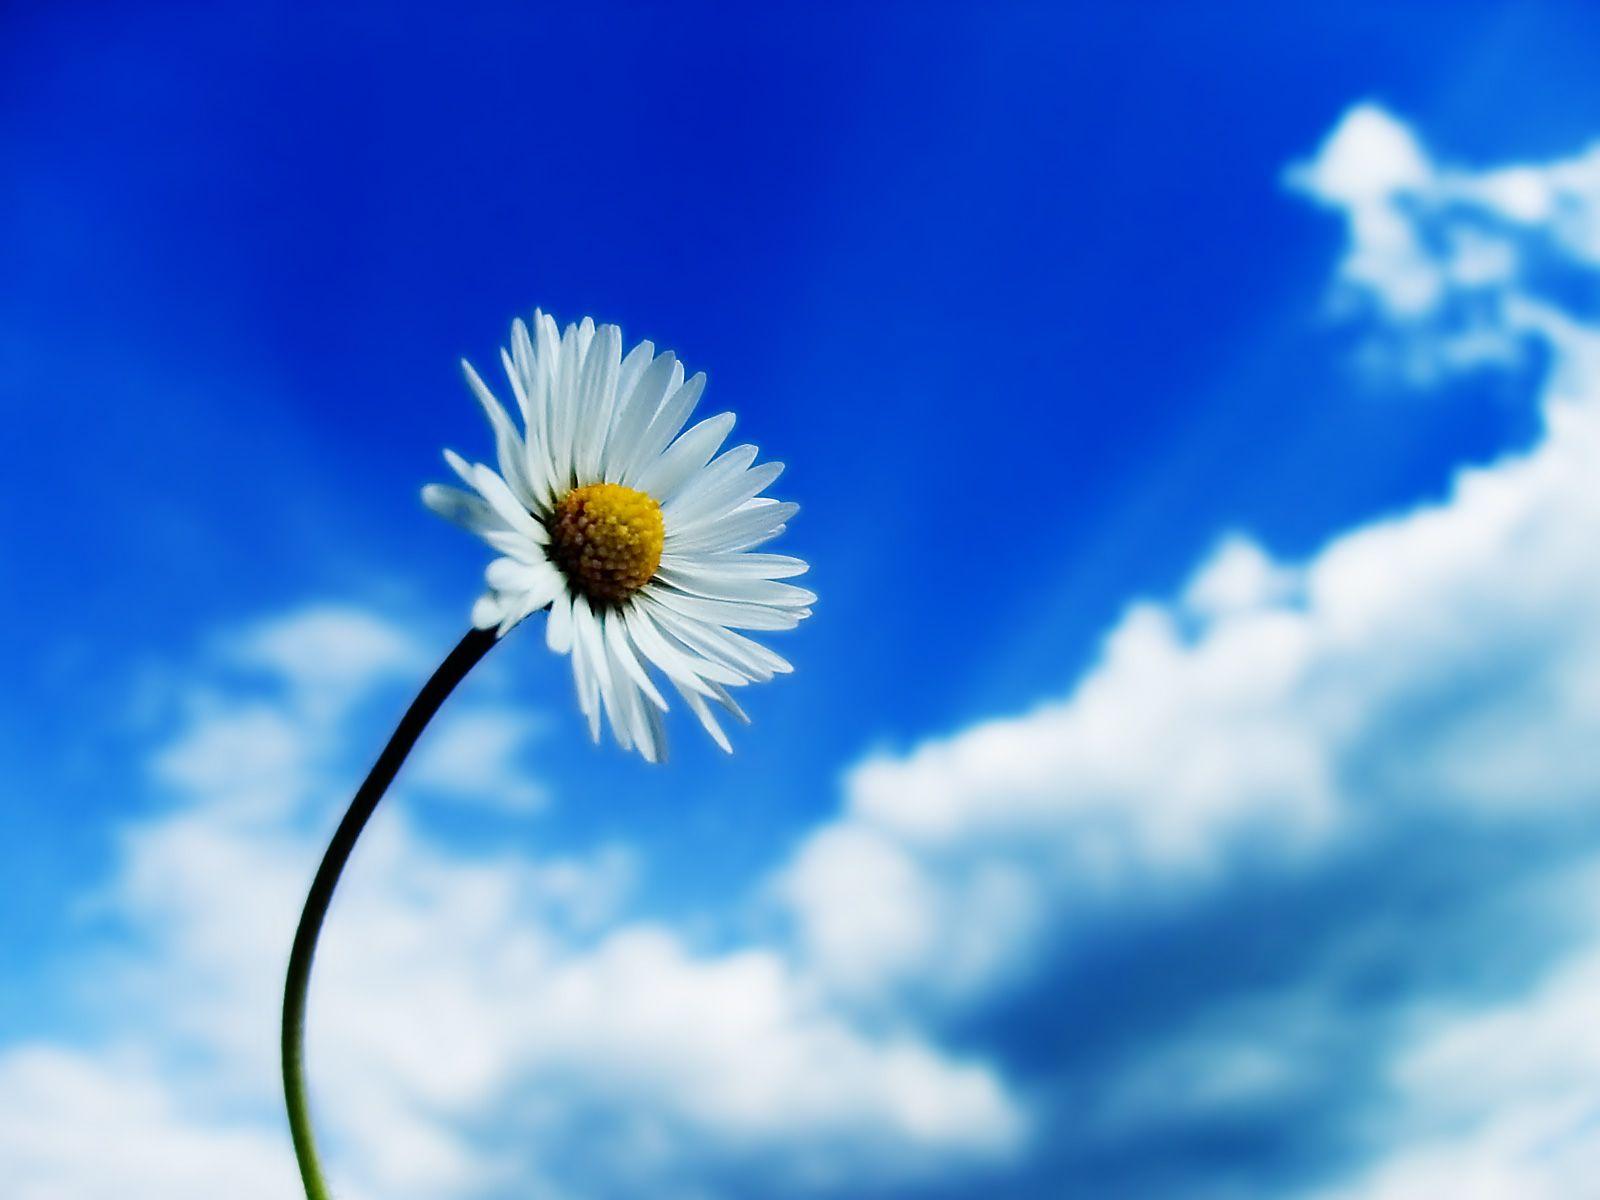 White Daisy Flower   White+Daisy+Flower+Wallpaper.jpg